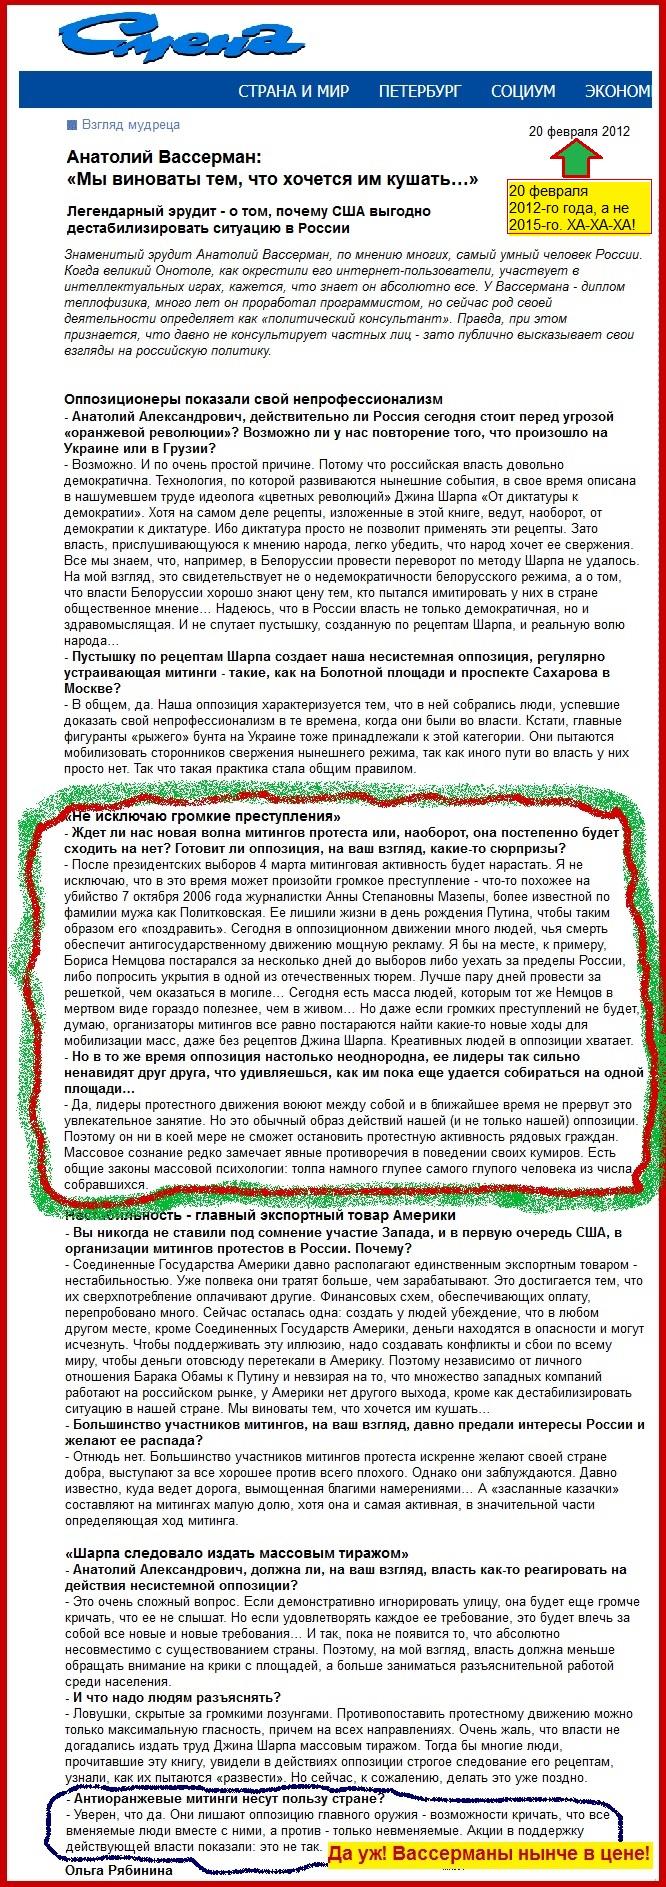 Анатолий Вассерман об угрозе жизни для оппозиции и именно Немцова. февраль 2012, пост